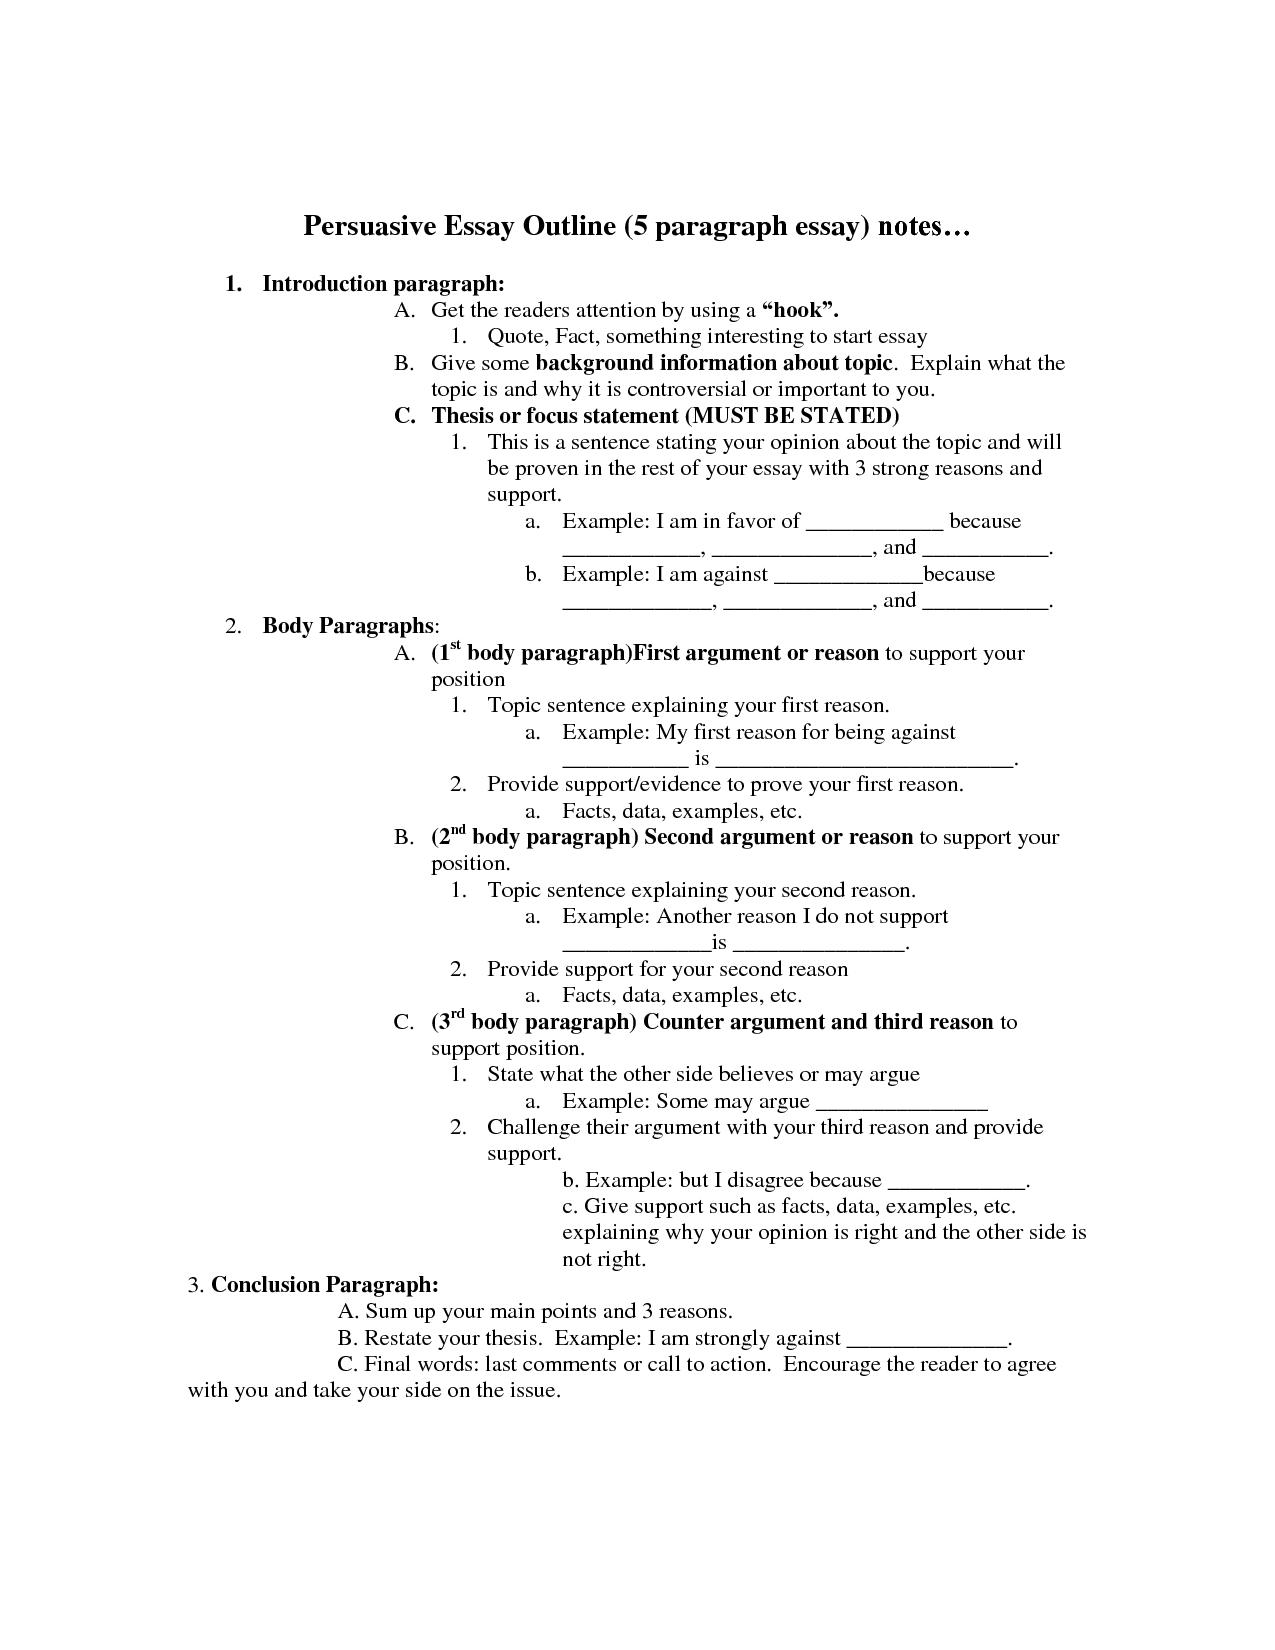 Persuasive Essay Outline Persuasive Essay Outline Essay Outline Template Paragraph Essay